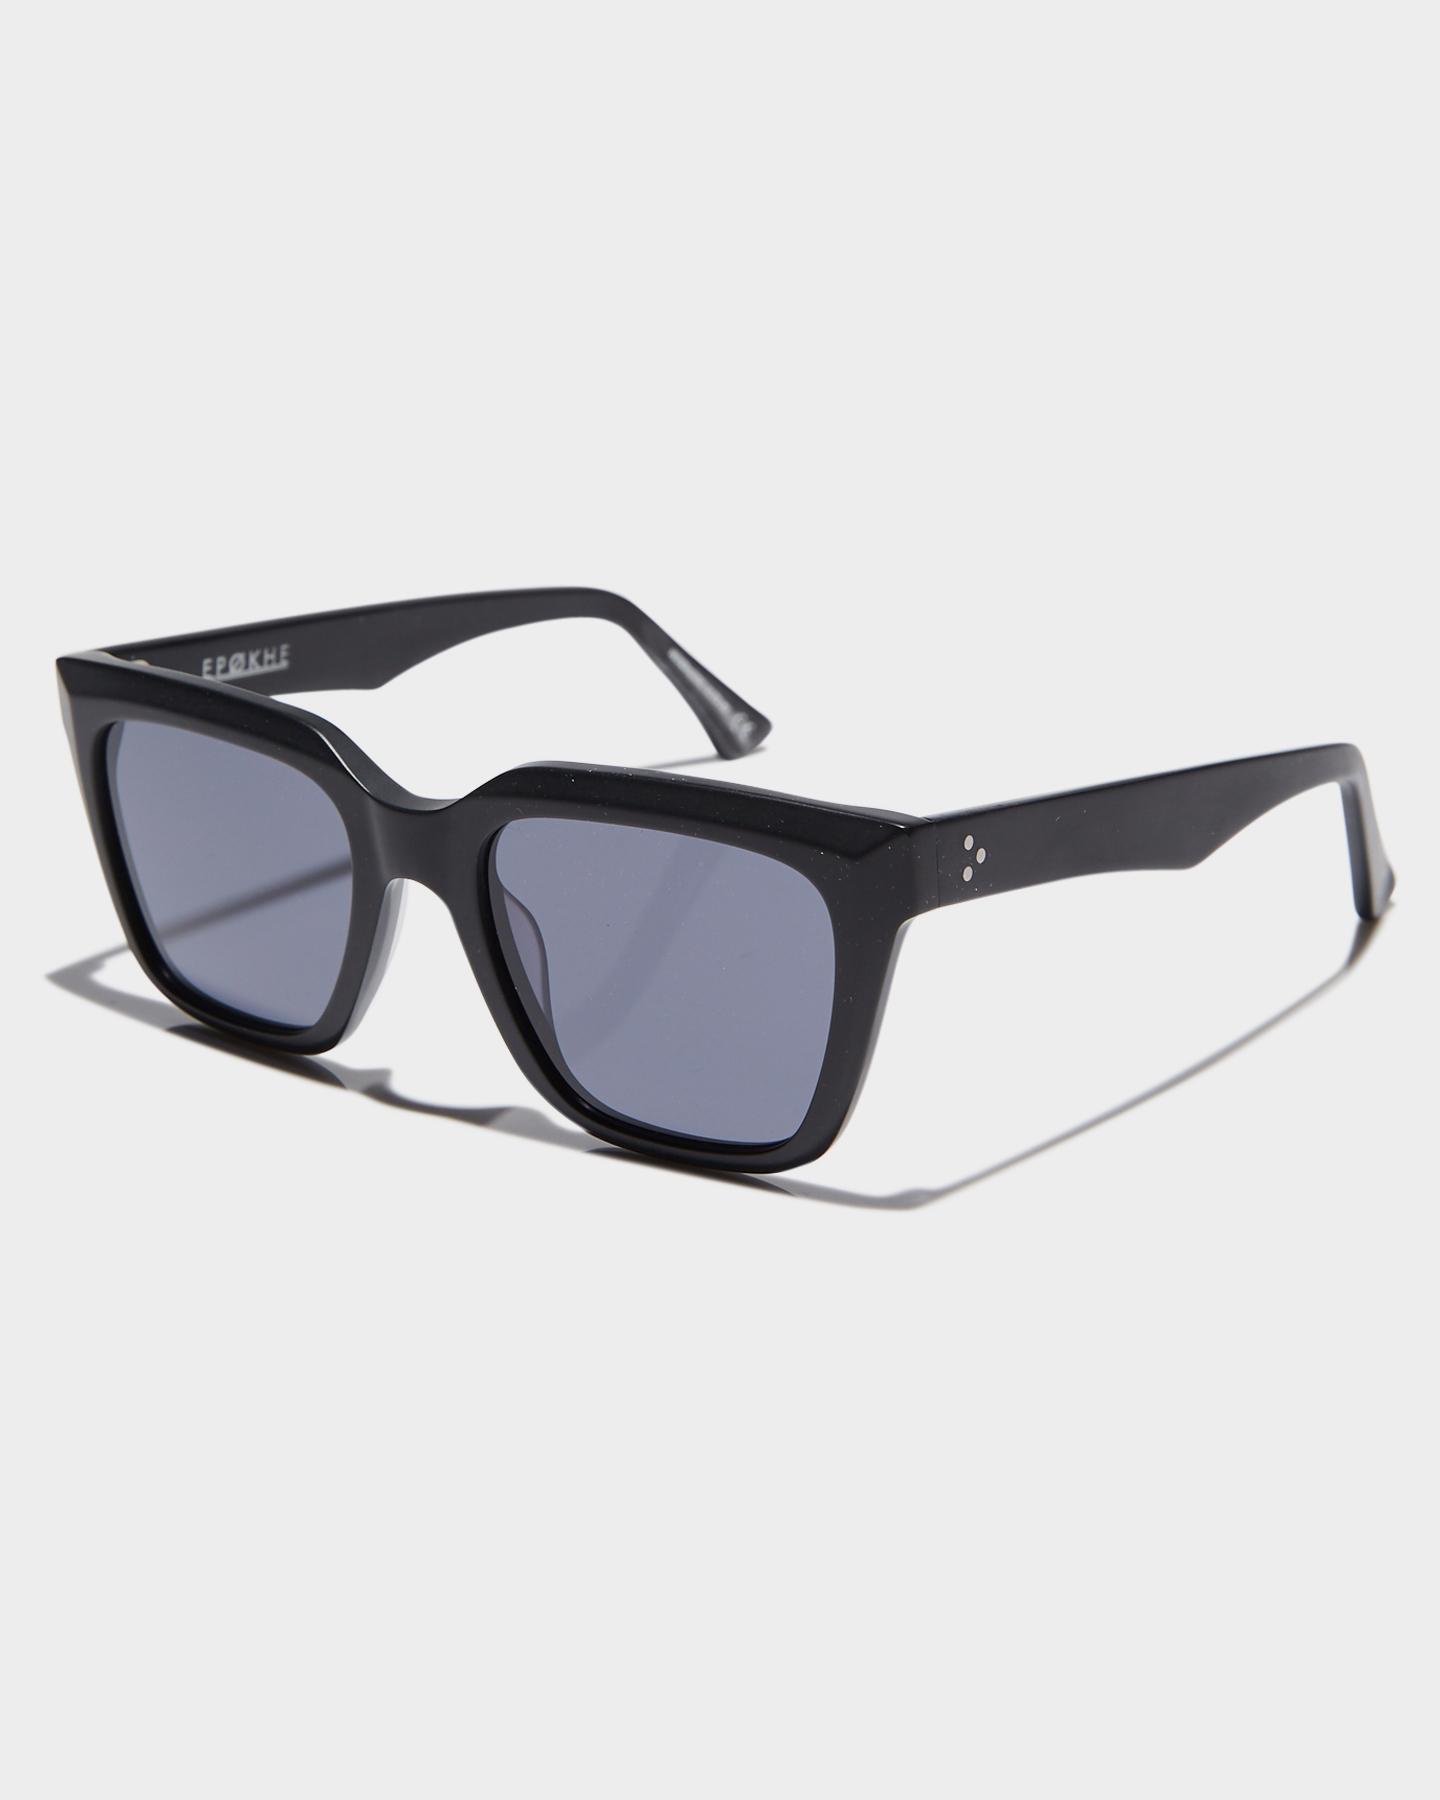 Epokhe Valentine Sunglasses Black Matte